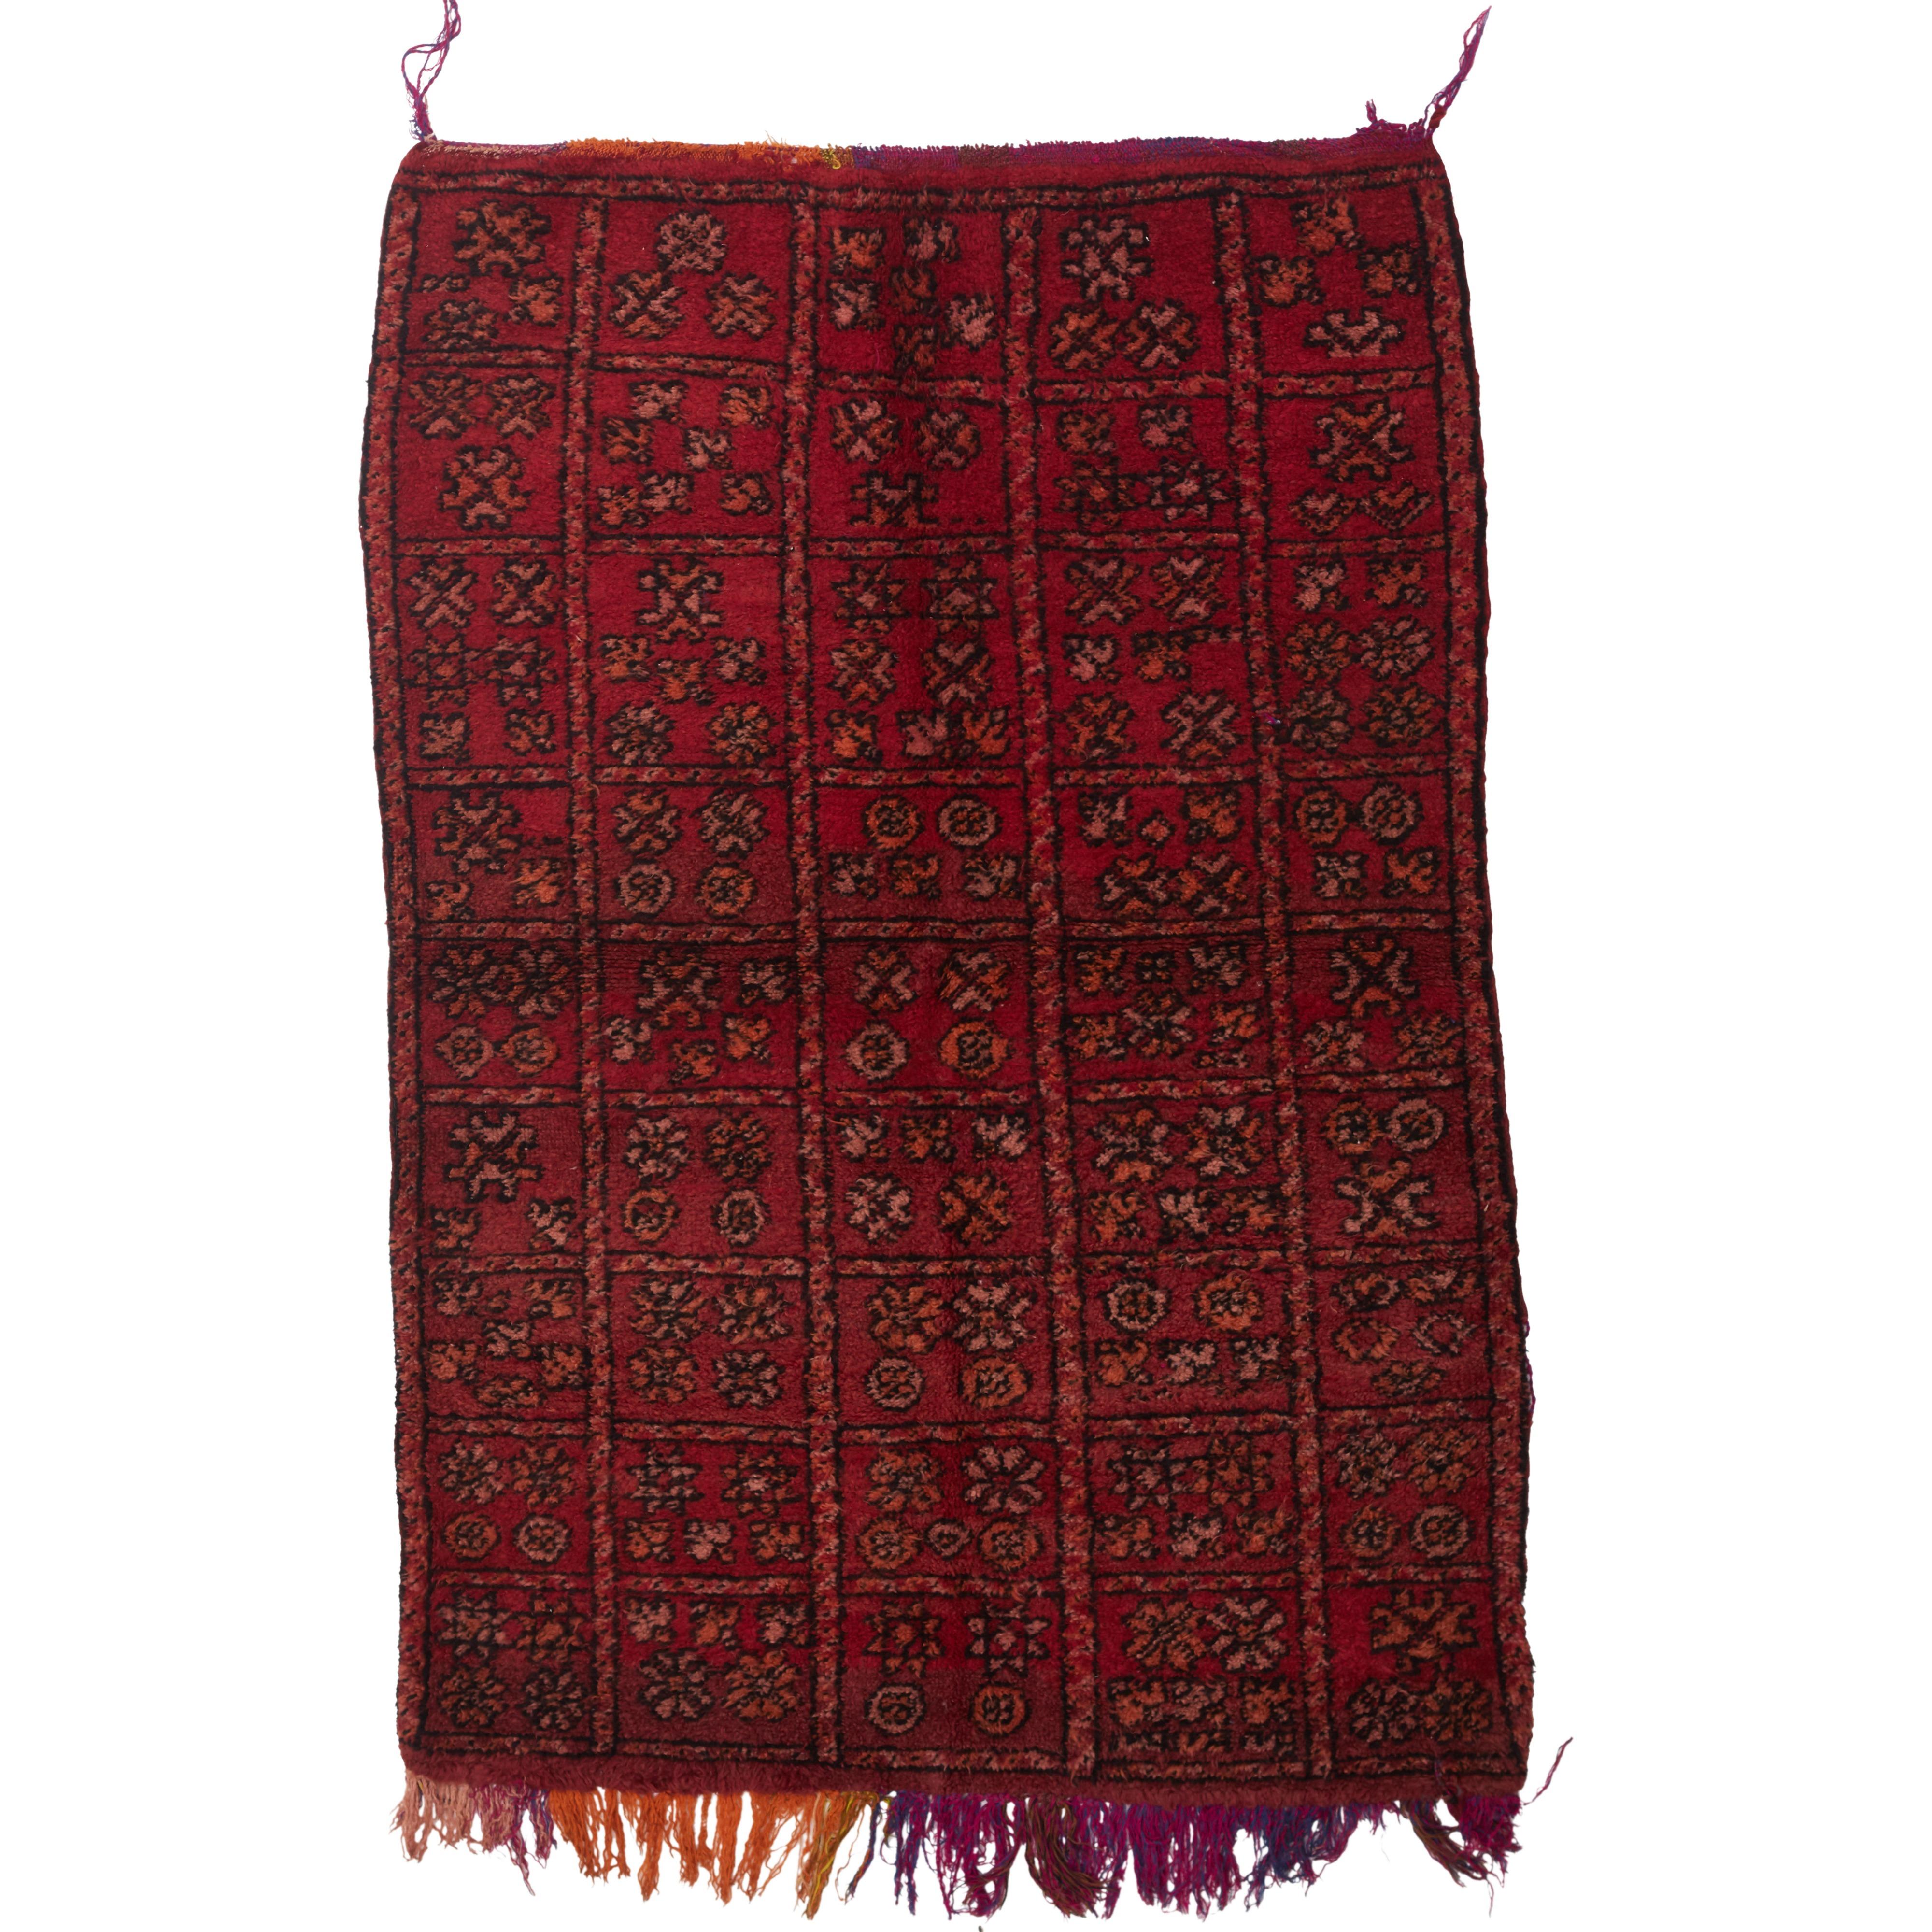 Trouva: Moroccan Vintage Rug 246